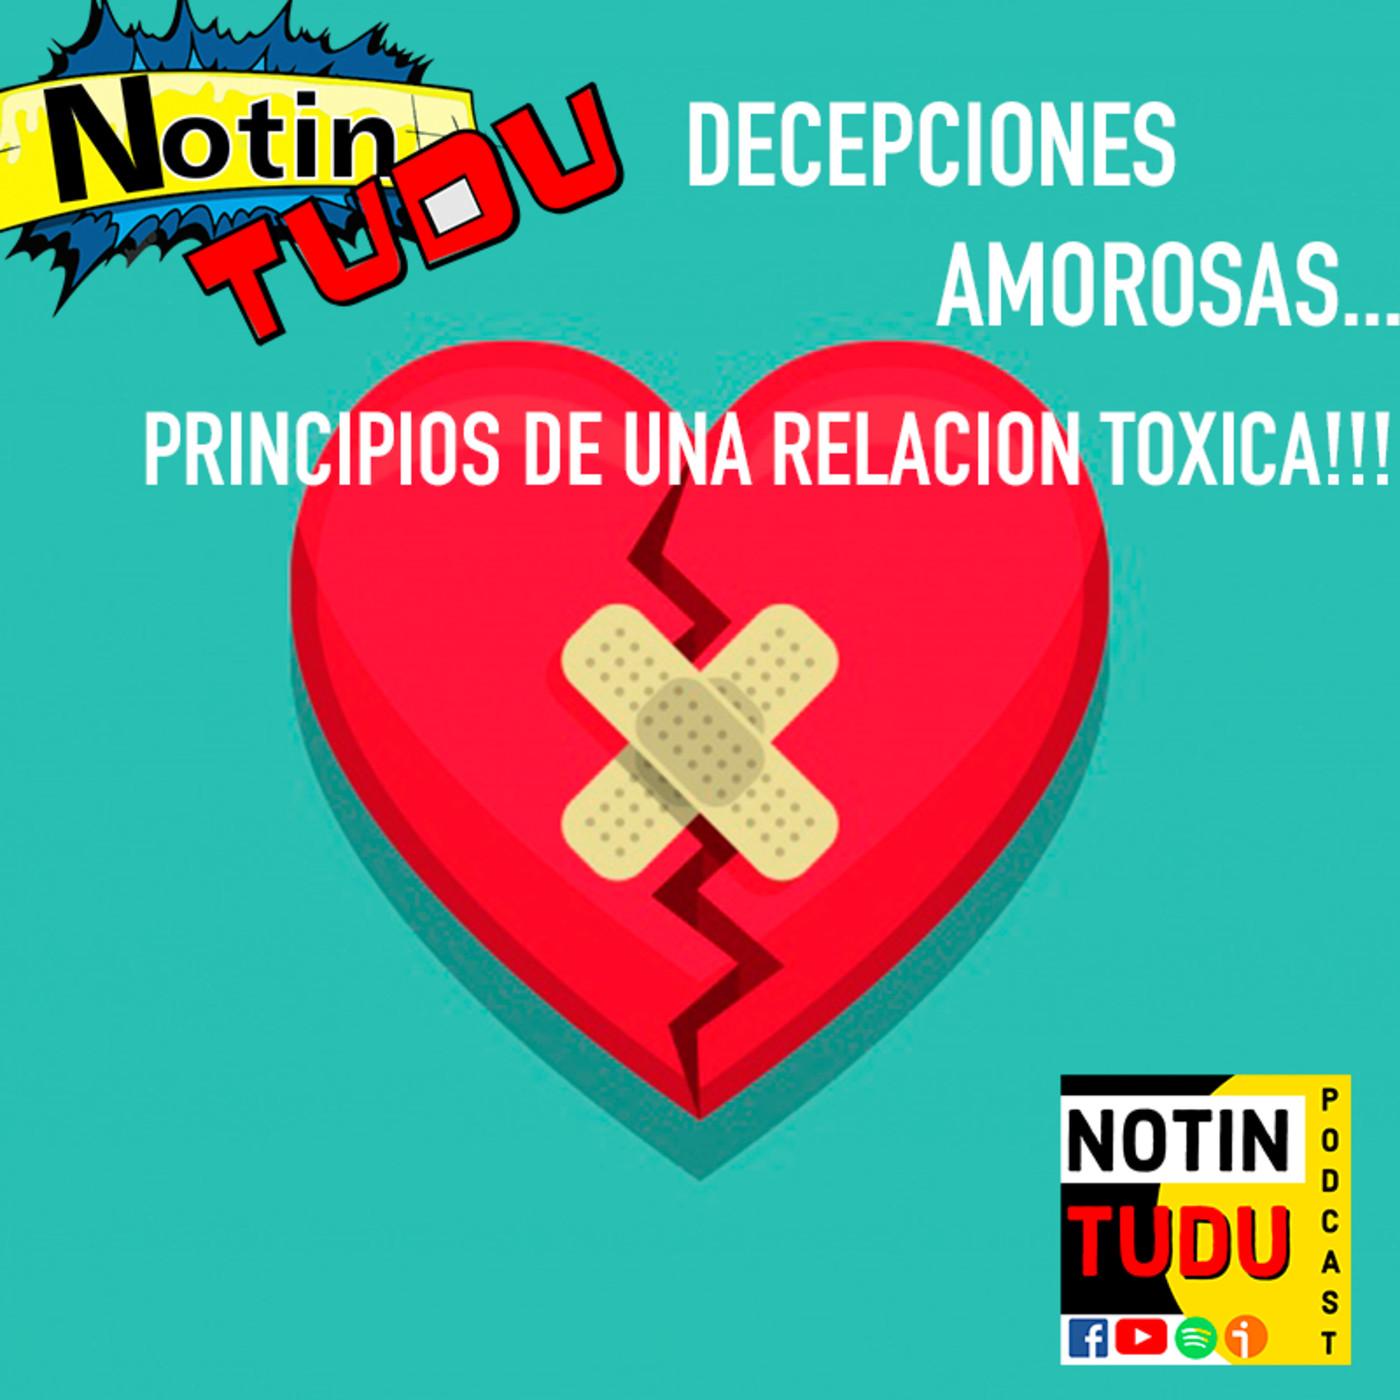 NotinTUDU Podcast #1 Decepciones Amorosas... Principios de una Relación Tóxica